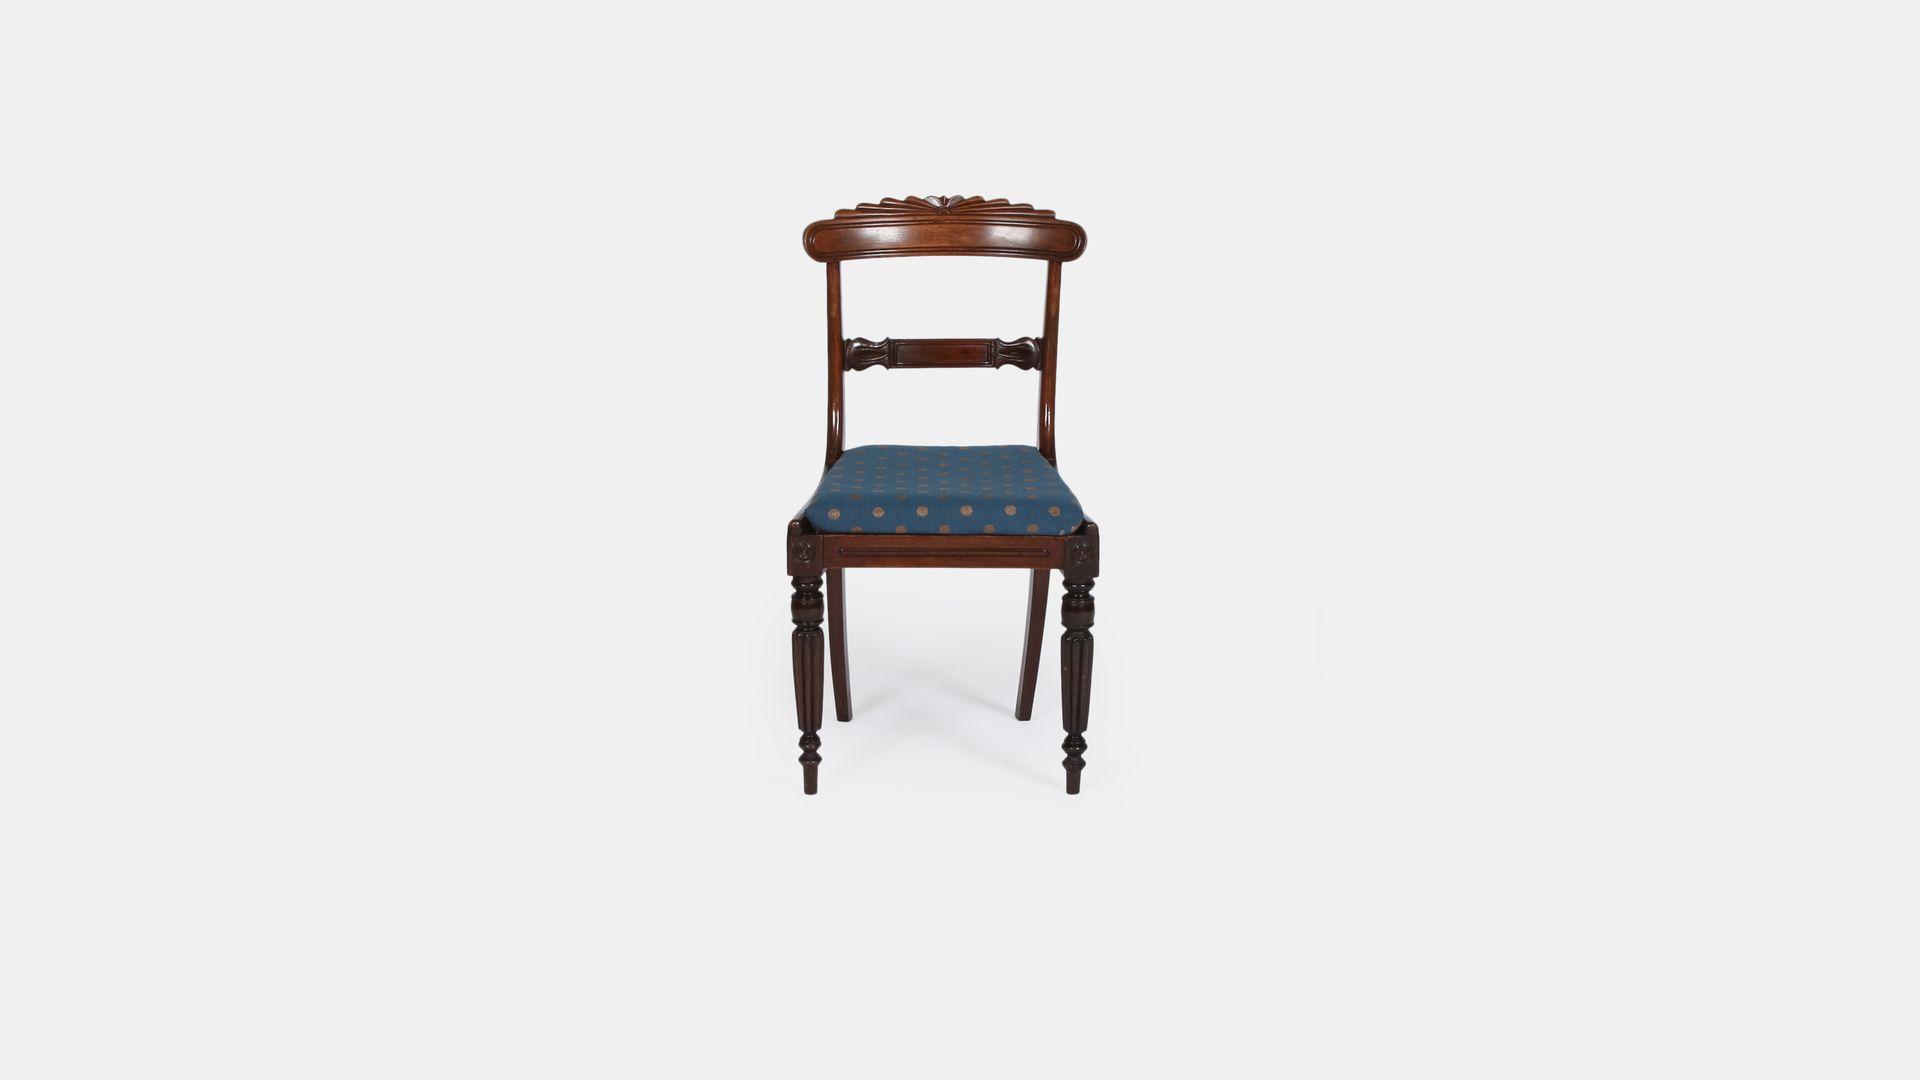 vantique mahagoni regency st hle 6er set bei pamono kaufen. Black Bedroom Furniture Sets. Home Design Ideas